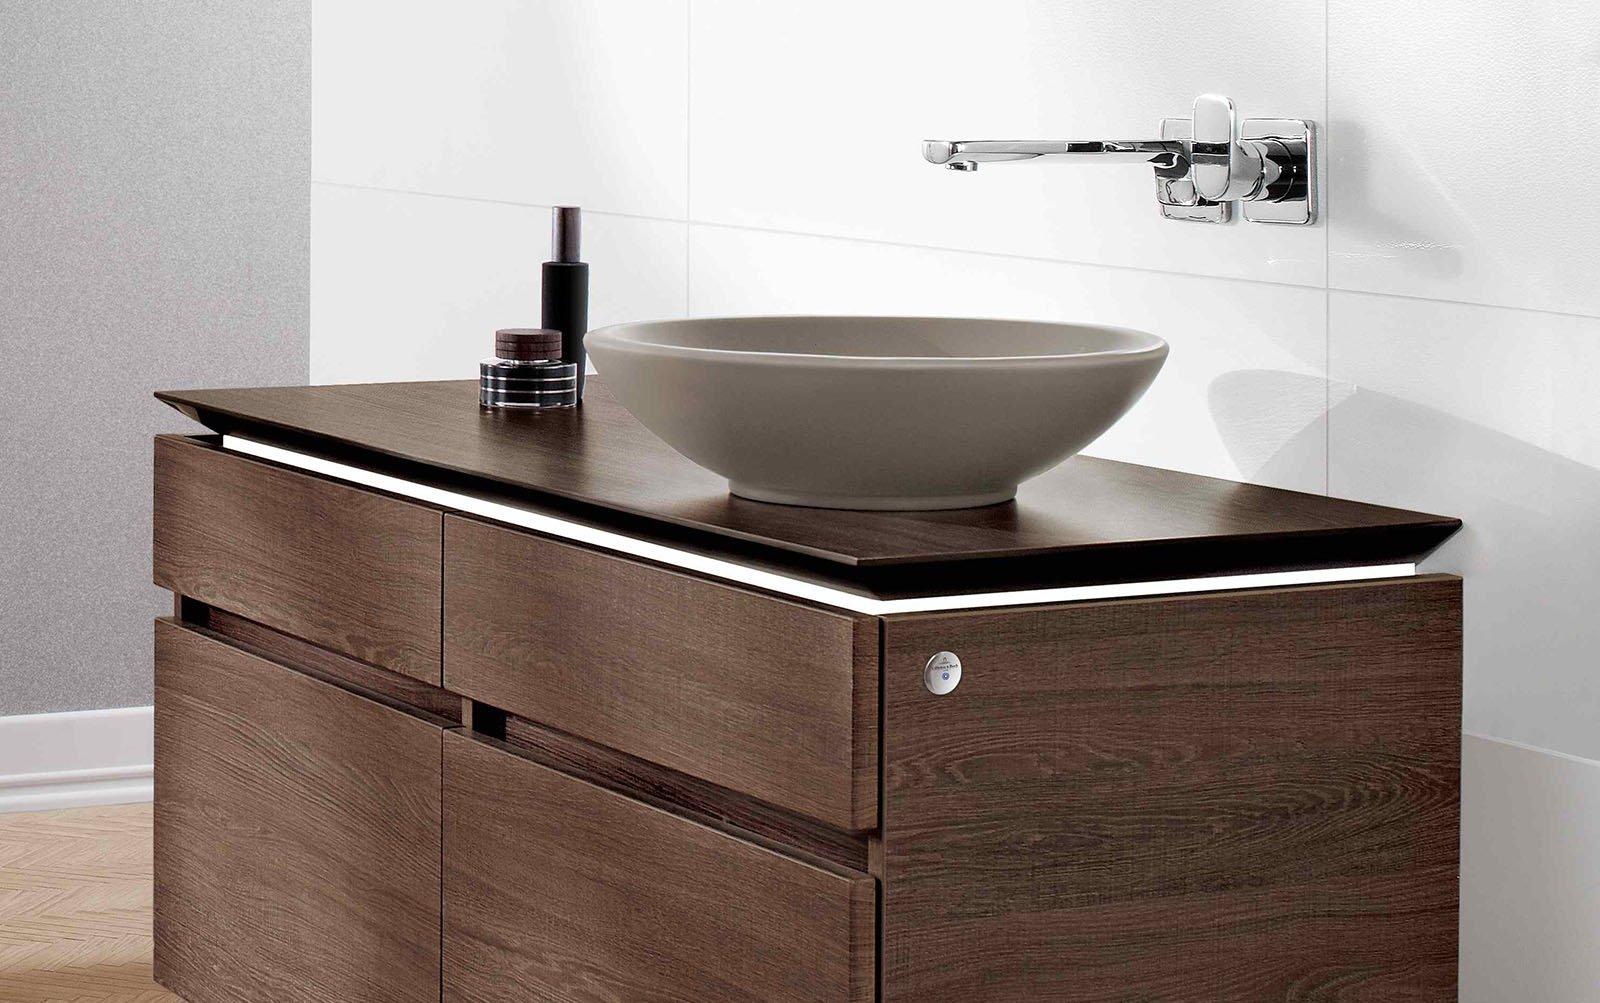 Mobili bagno per lavabo appoggio ~ avienix.com for .